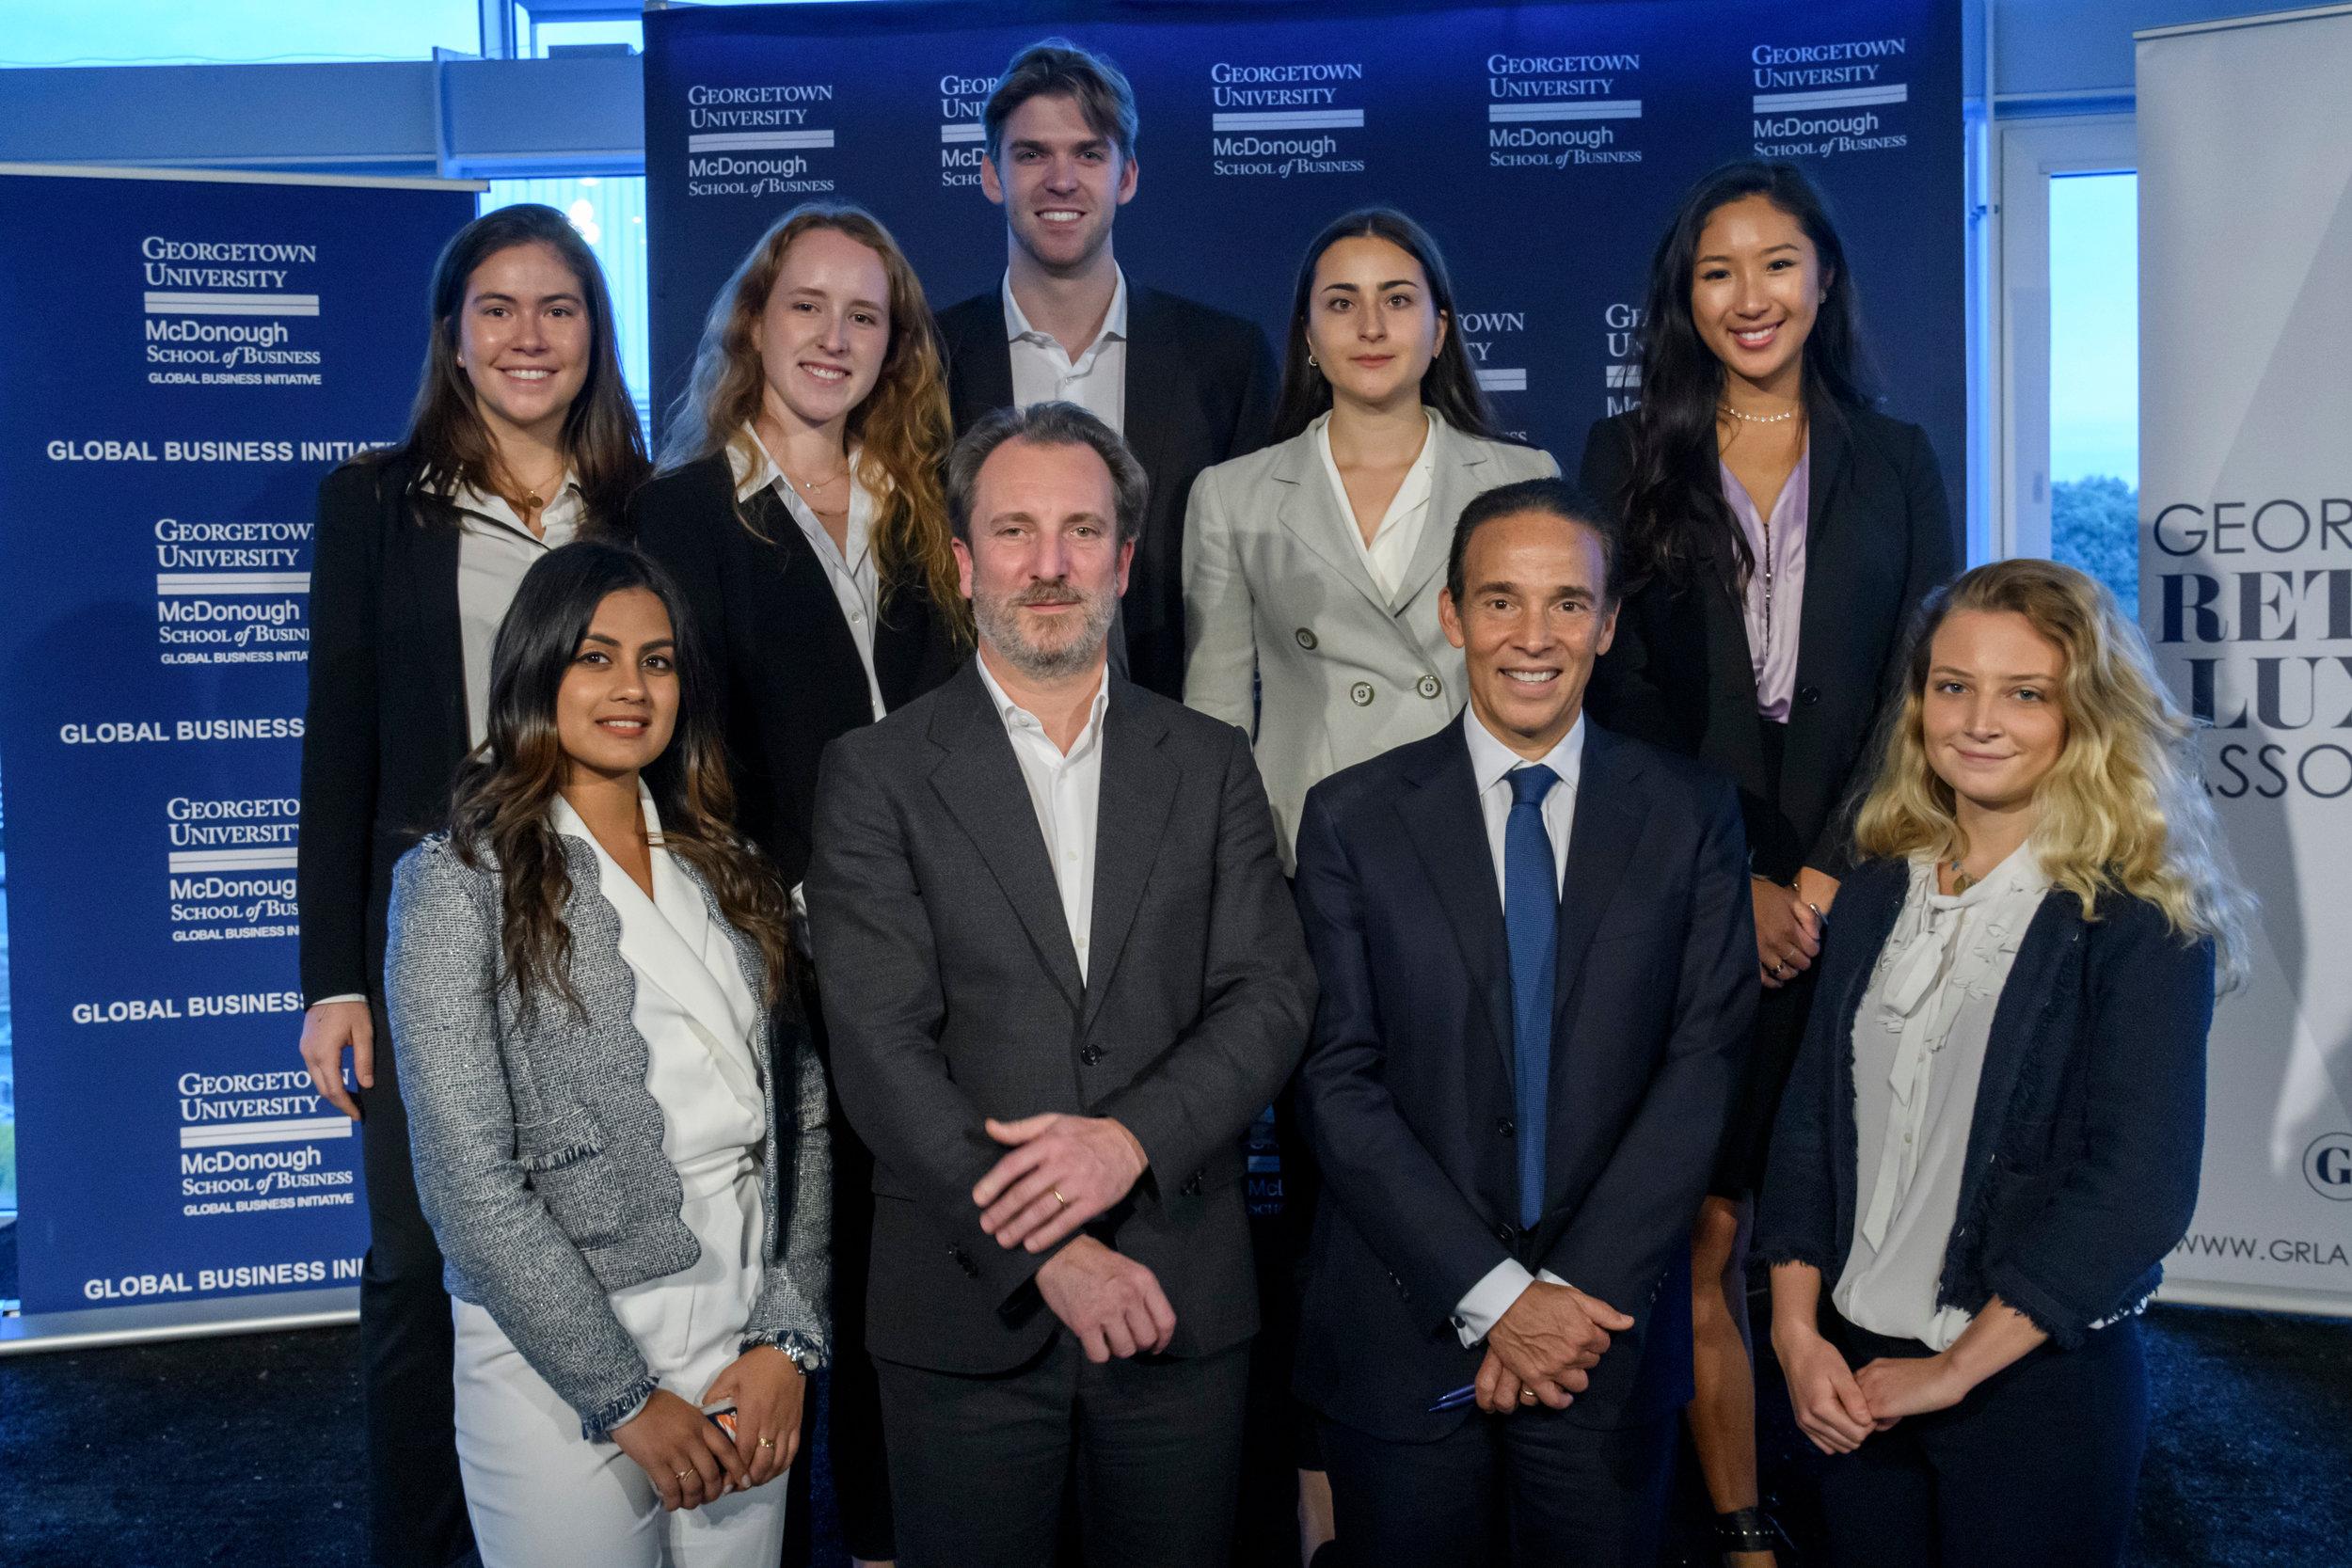 GRLA Board of Directors, Alessandro Bogliolo, Tiffany & Co.'s CEO and Ricardo Ernst